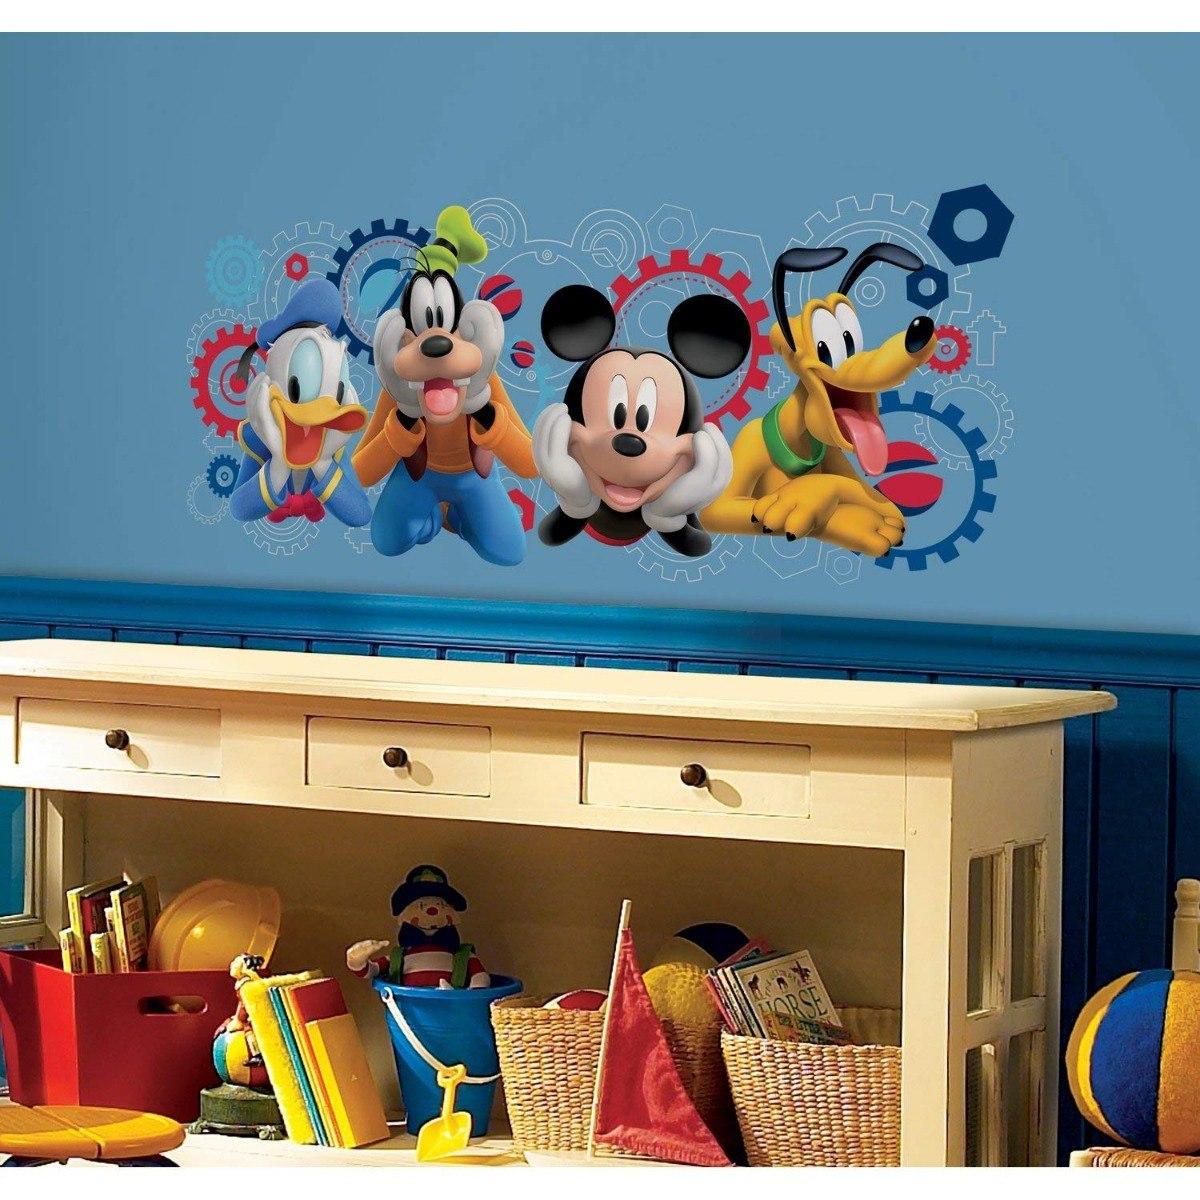 Vinilos Mickey Mouse Para Pared.Calcomanias Gigante Para Pared Vinilo Mickey Mouse